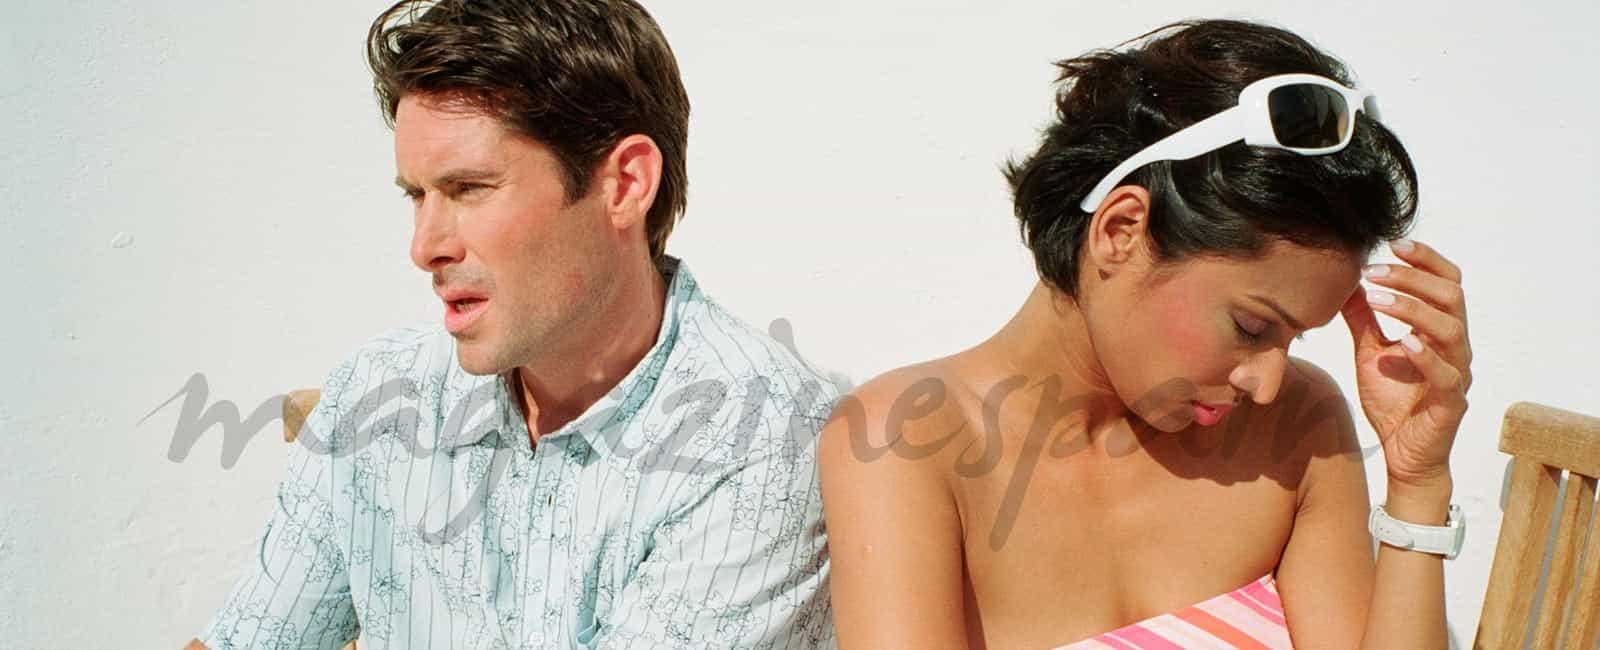 ¿Es tu pareja lo suficientemente bueno para tí?